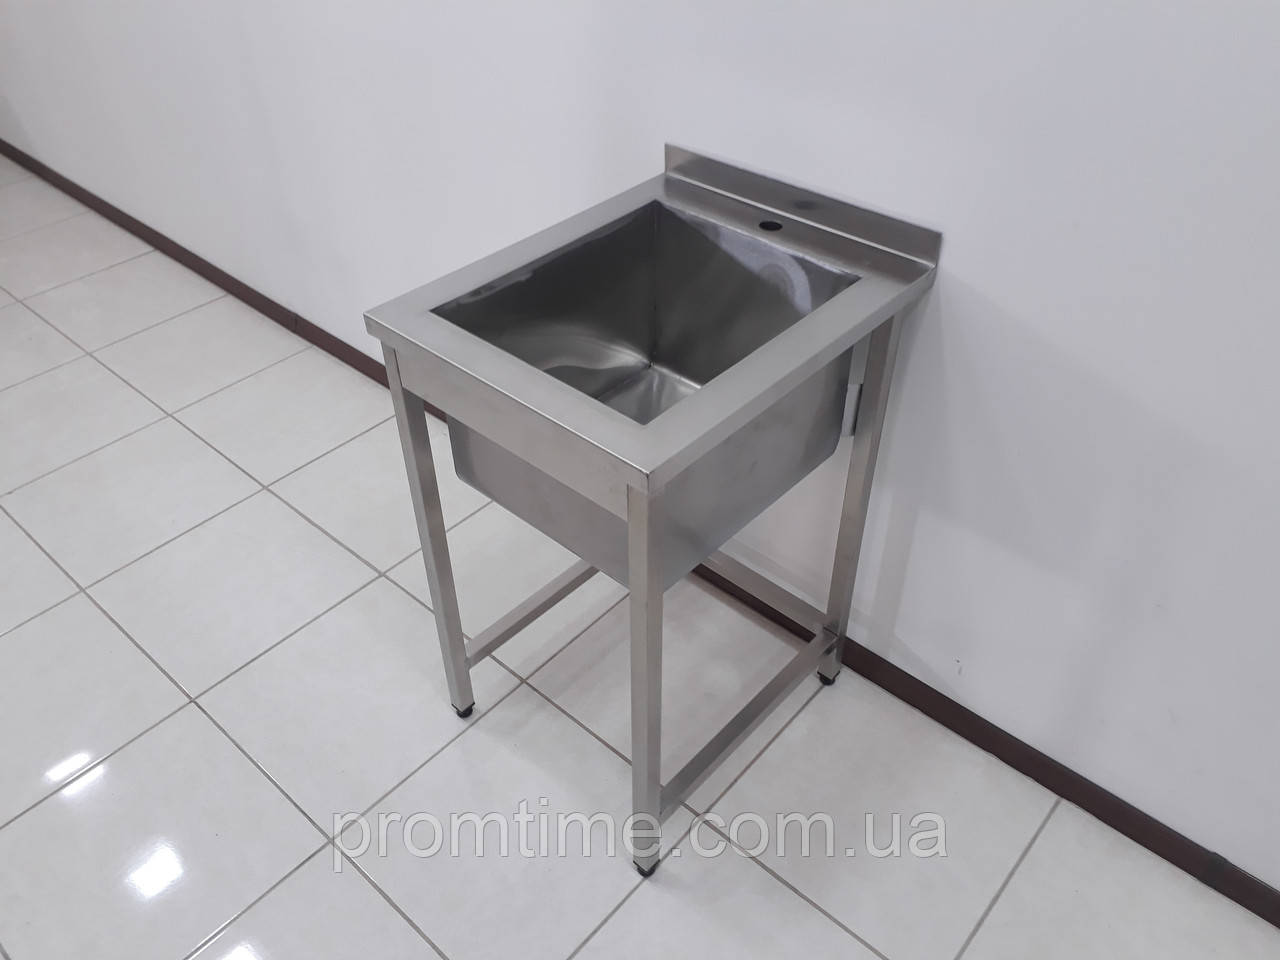 Ванна моечная, мойка односекционная с бортом из нержавеющей стали 500х600х850